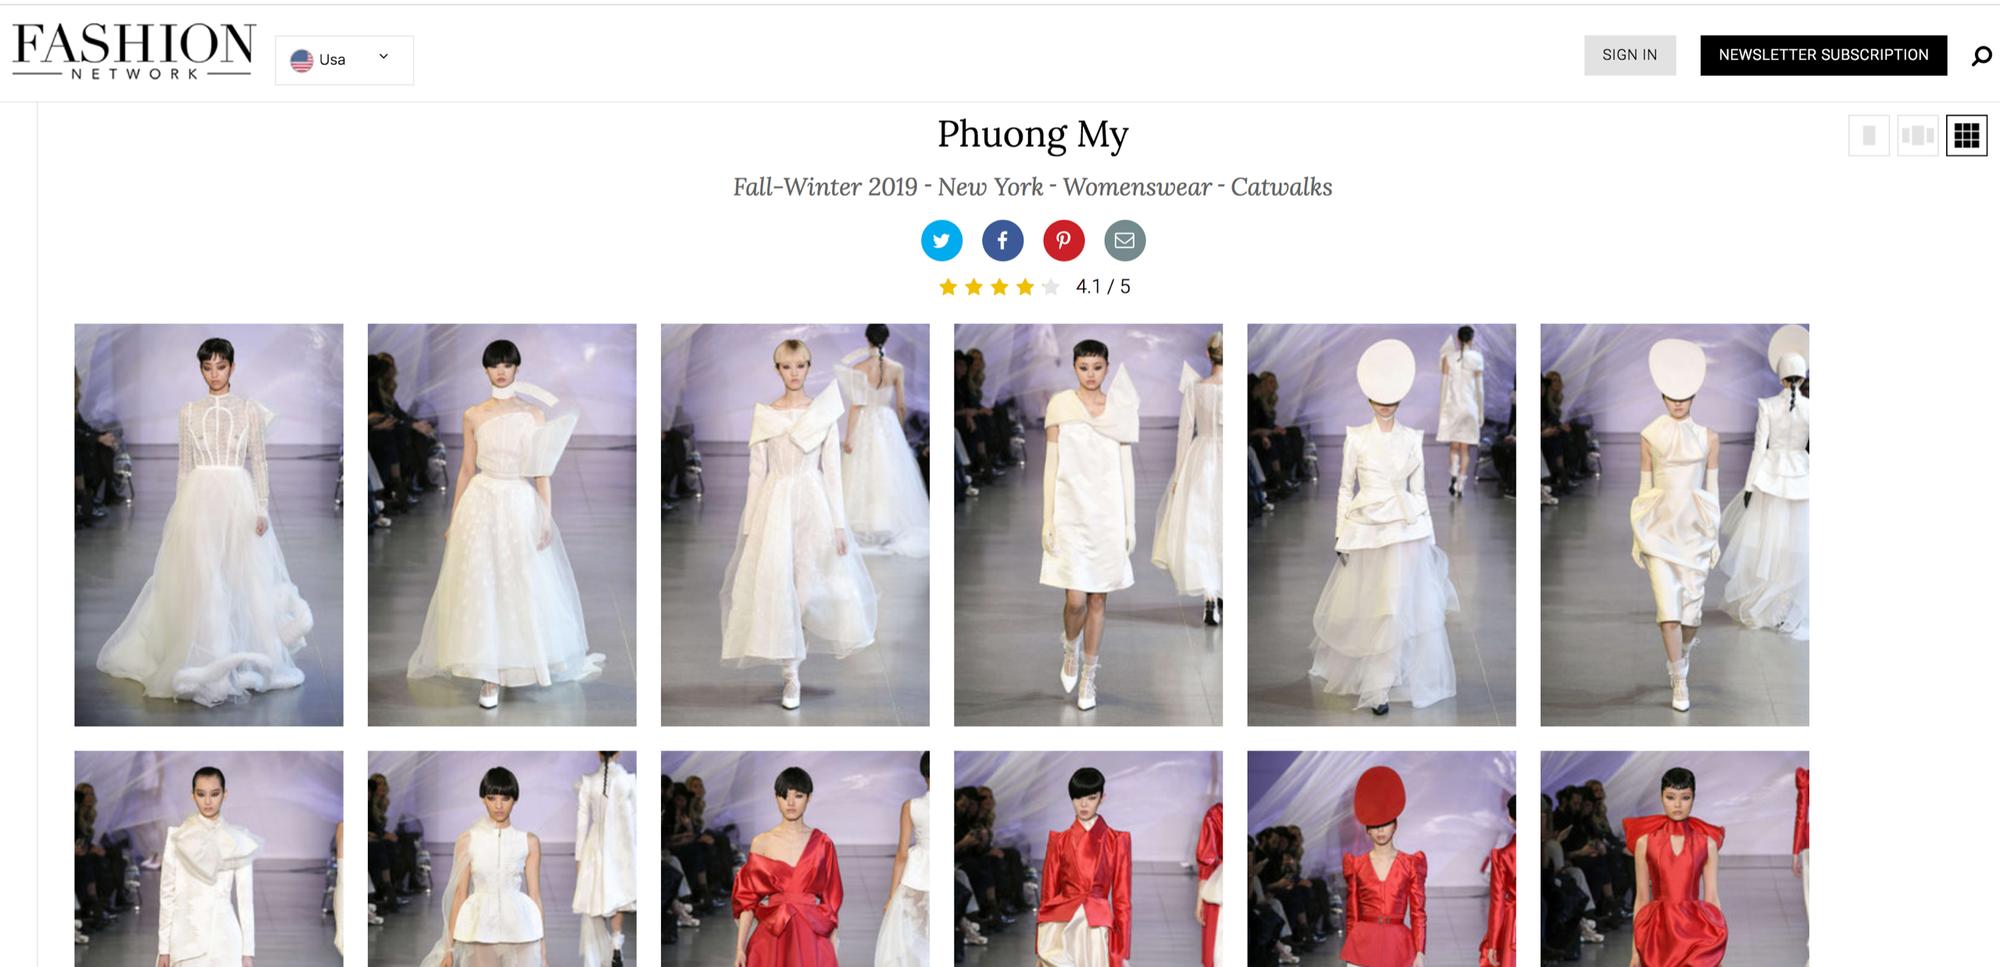 VOGUE Mỹ, VOGUE Tây Ban Nha và hàng loạt tạp chí thời trang thế giới đồng loạt đưa tin về show diễn PHUONG MY tại NYFW - Ảnh 8.